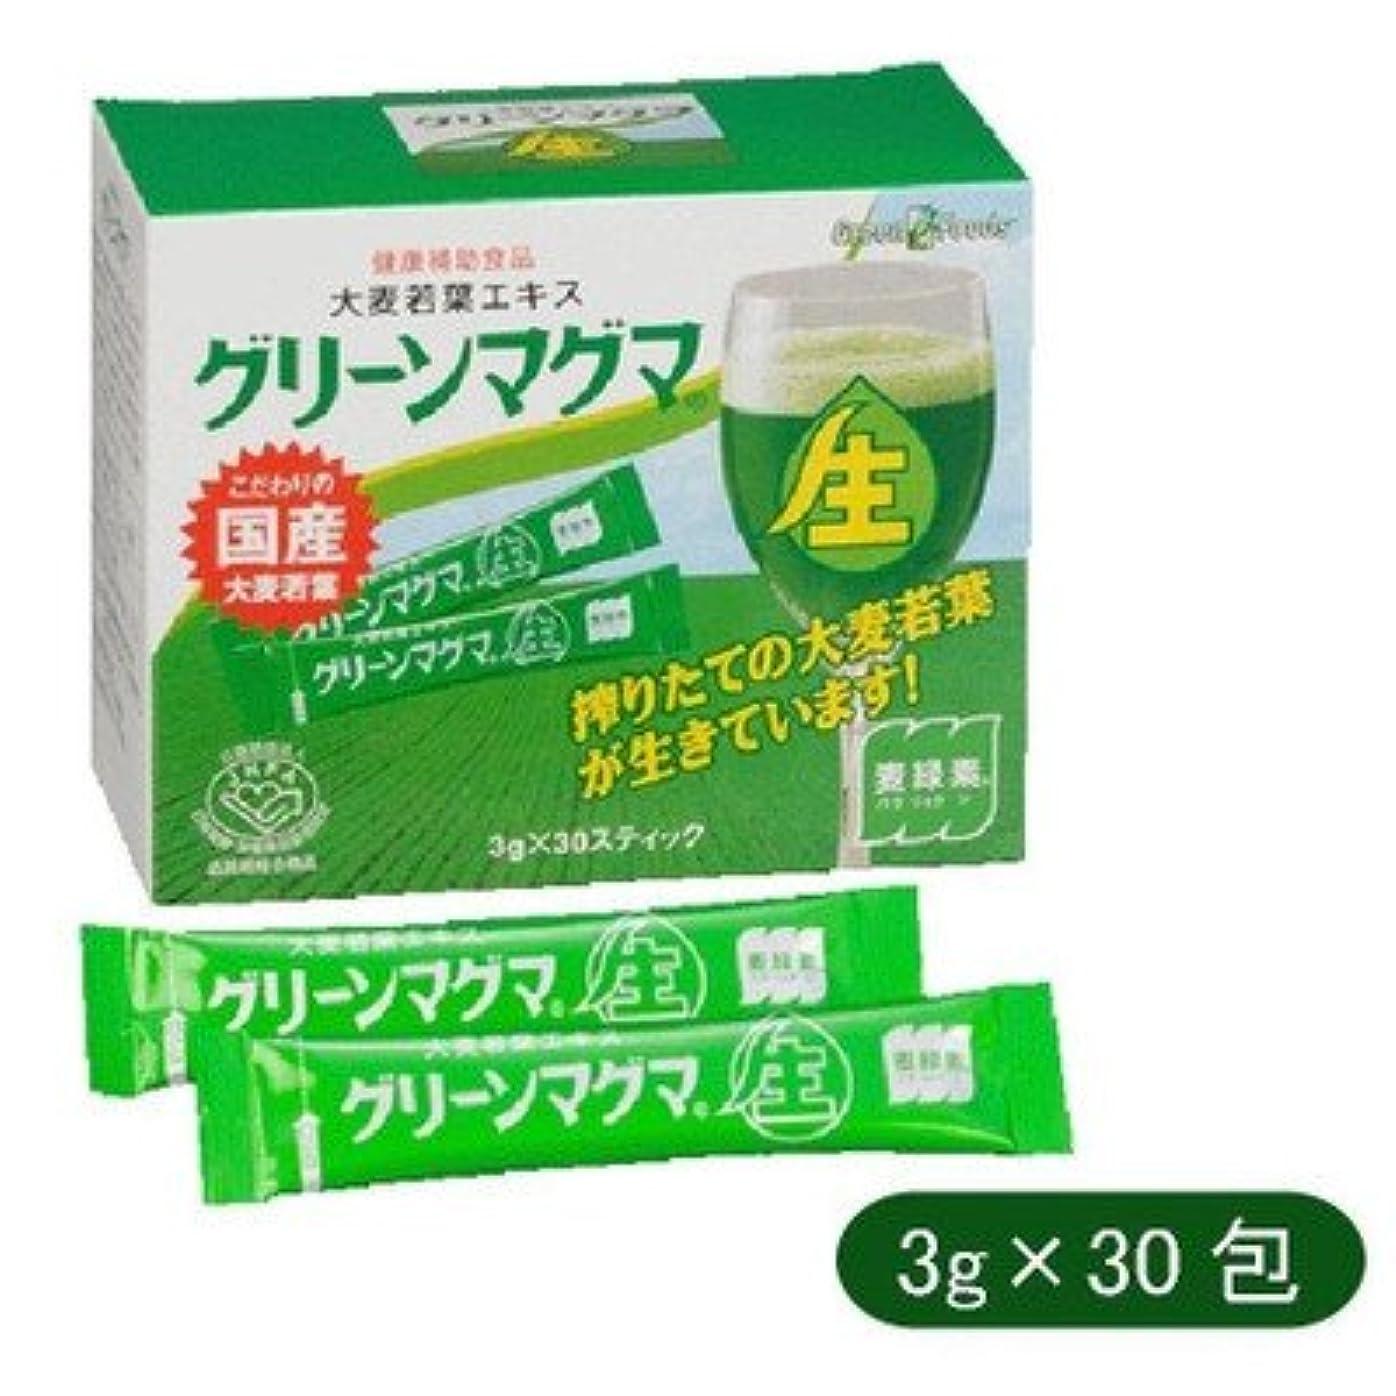 ポスト印象派まつげ二度日本薬品開発 大麦若葉エキス グリーンマグマ 3g×30包 642670